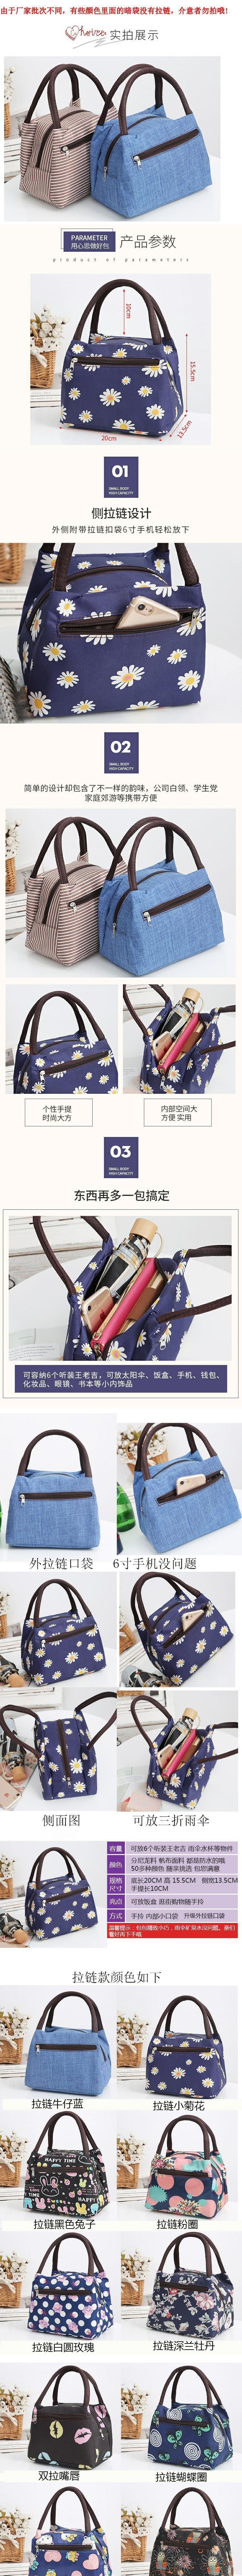 中國代購|中國批發-ibuy99|新款牛津布手提便当包防水妈咪包女包午餐包饭盒袋小布包包手拎包